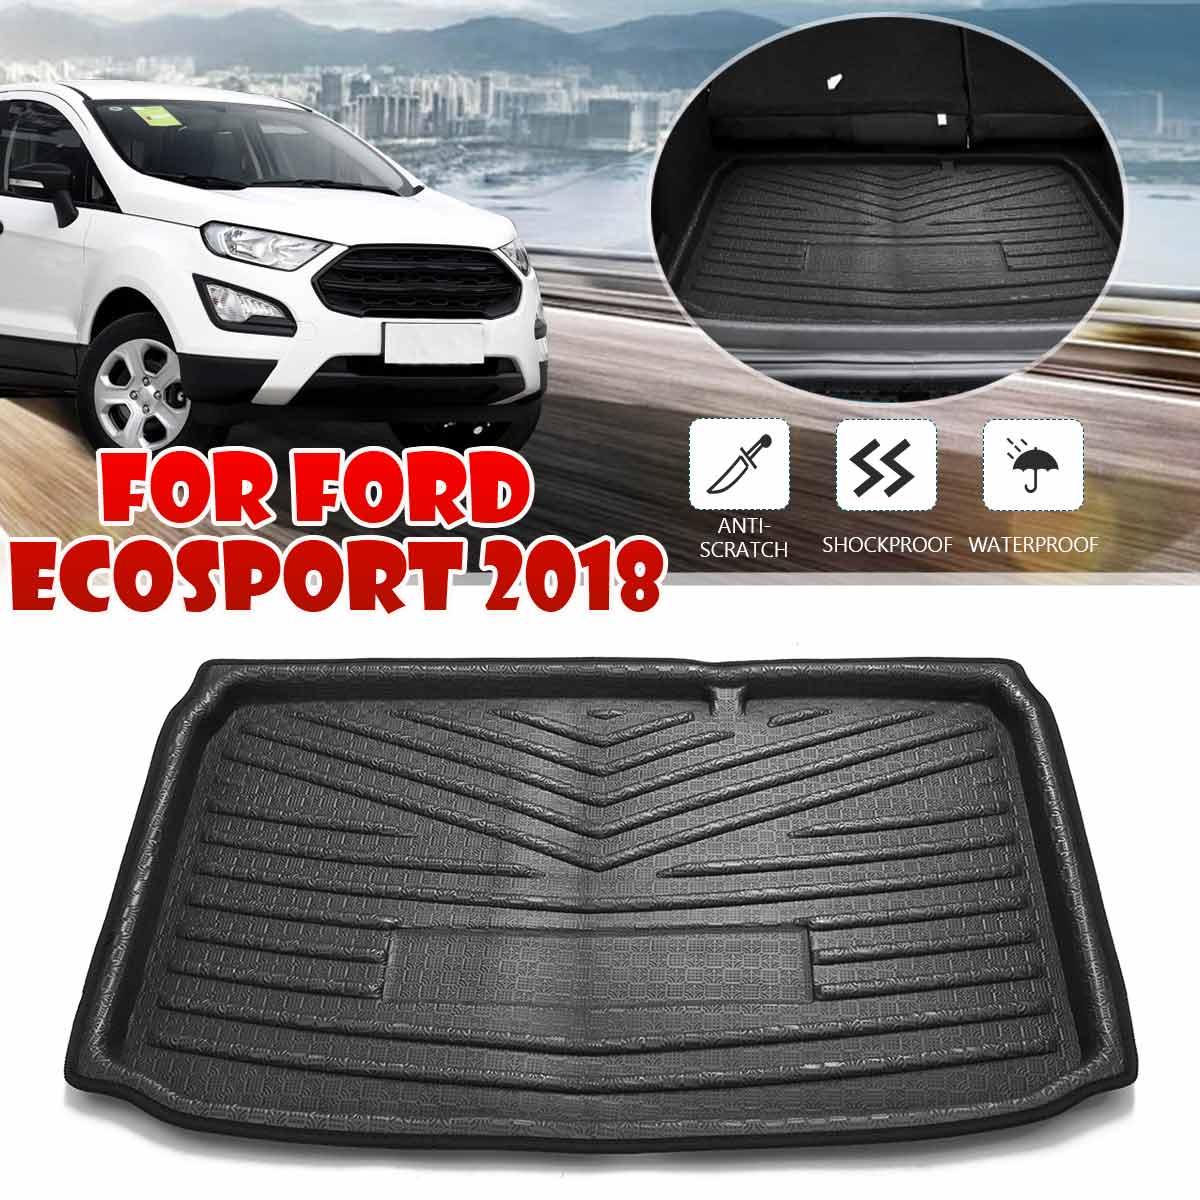 Kofferbak Cargo Boot Liner Tray Floor Mat Voor Ford Ecosport 2018 2019 2020 + Vloer Tapijt Bagage Tray Zwart auto Accessoires